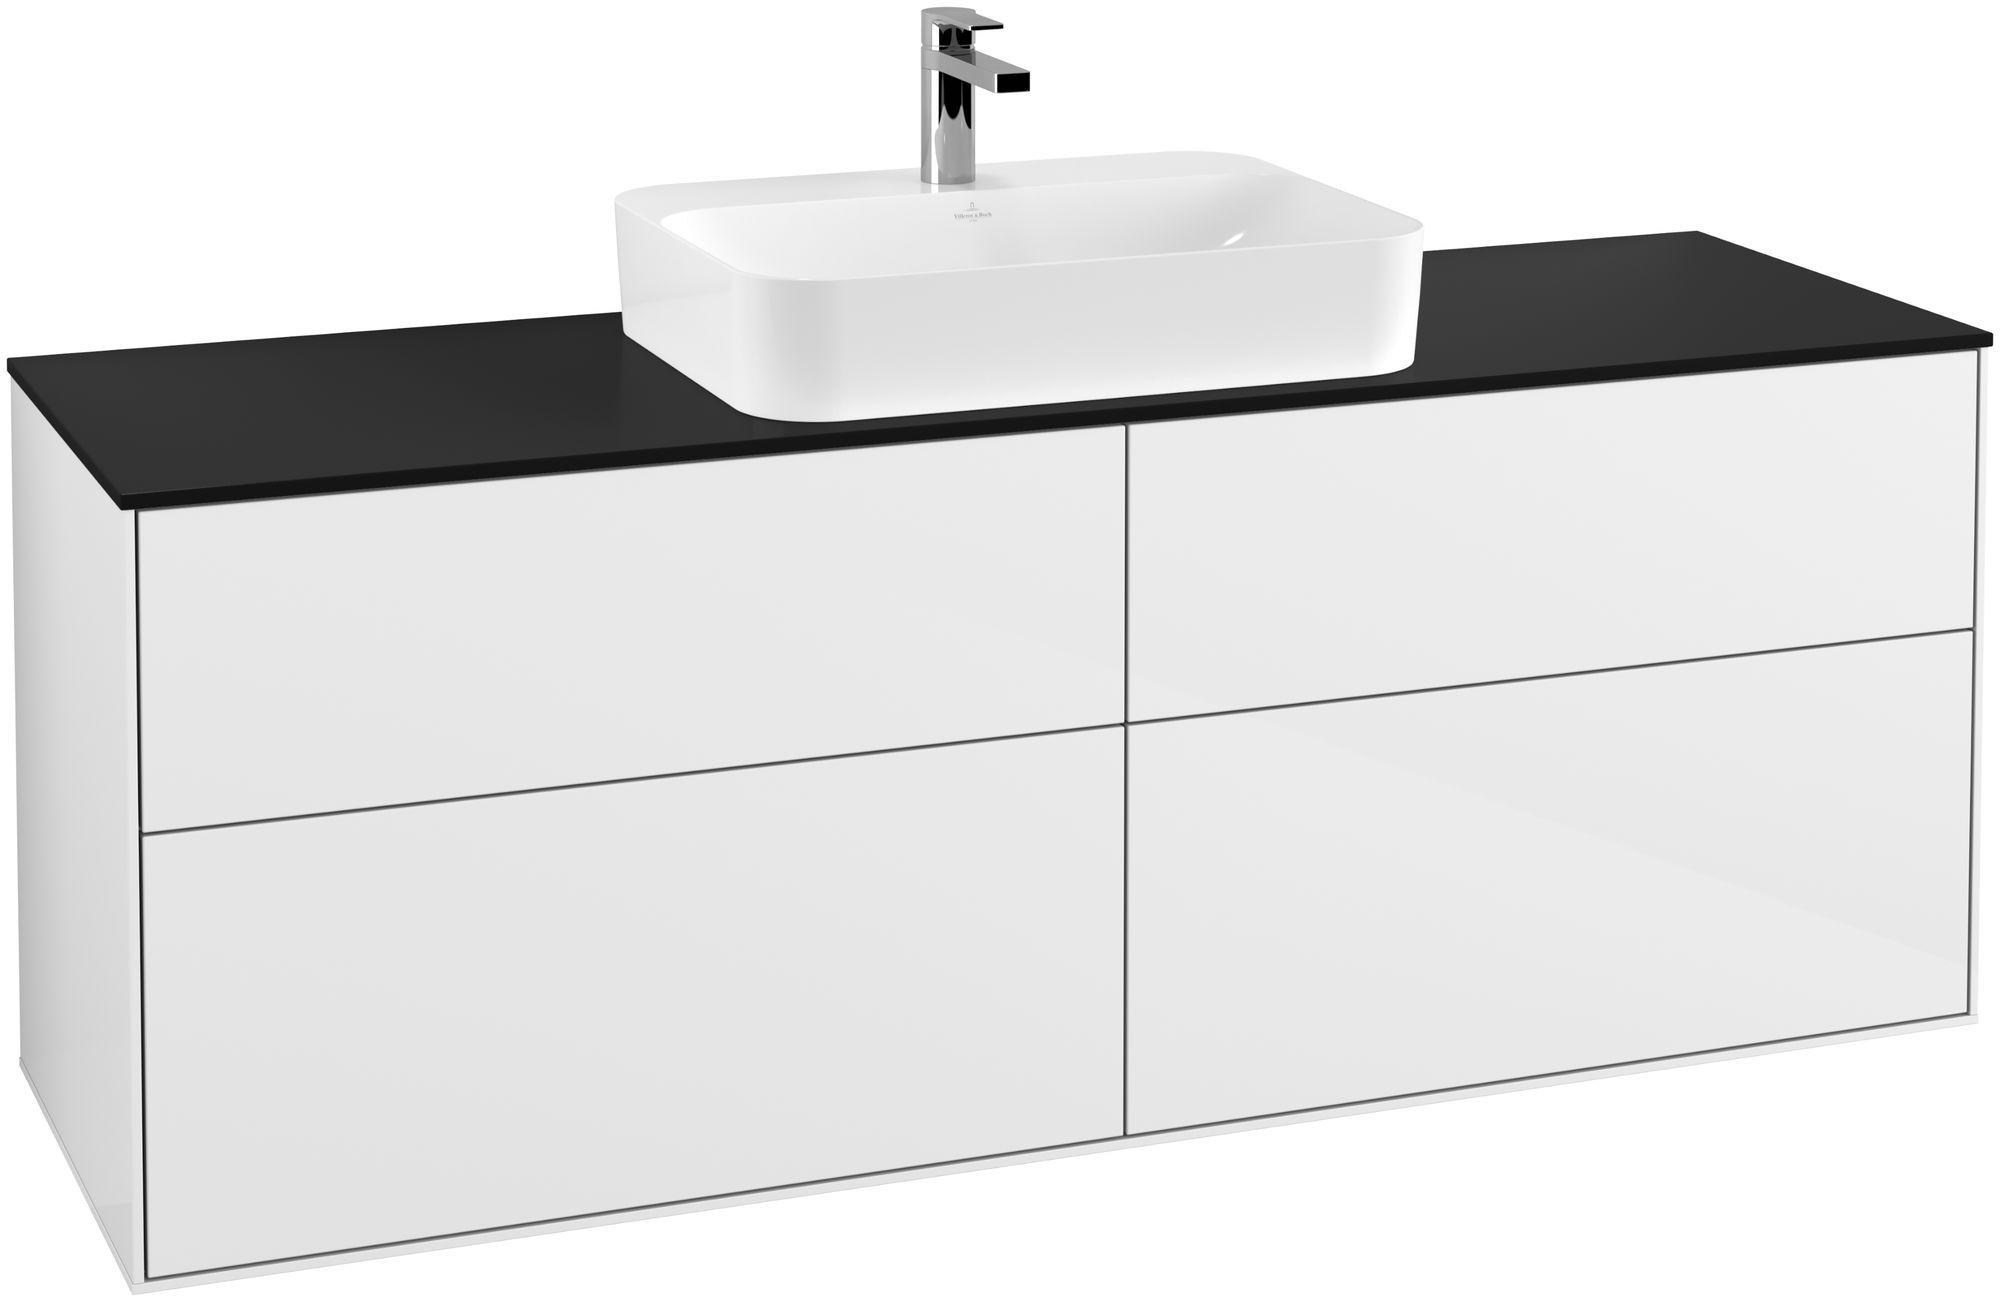 Villeroy & Boch Finion G44 Waschtischunterschrank 4 Auszüge Waschtisch mittig LED-Beleuchtung B:160xH:60,3xT:50,1cm Front, Korpus: Glossy White Lack, Glasplatte: Black Matt G44200GF